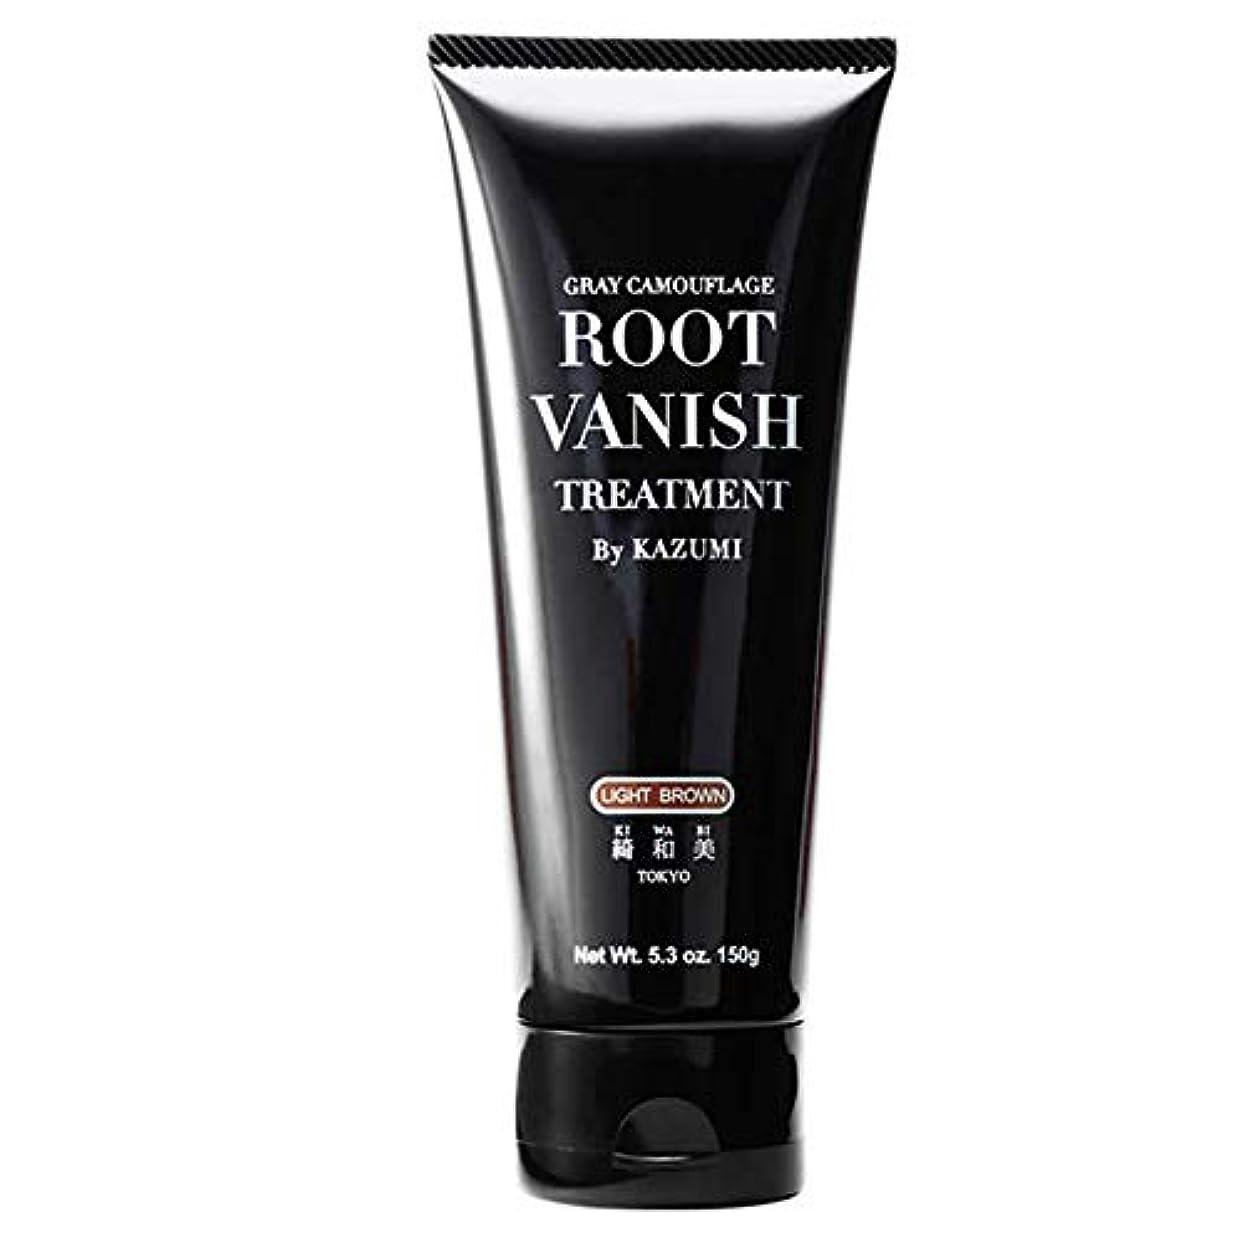 柔和音楽を聴く誰かRoot Vanish 白髪染め (ライトブラウン) ヘアカラートリートメント 女性用 [100%天然成分 / 無添加22種類の植物エキス配合]